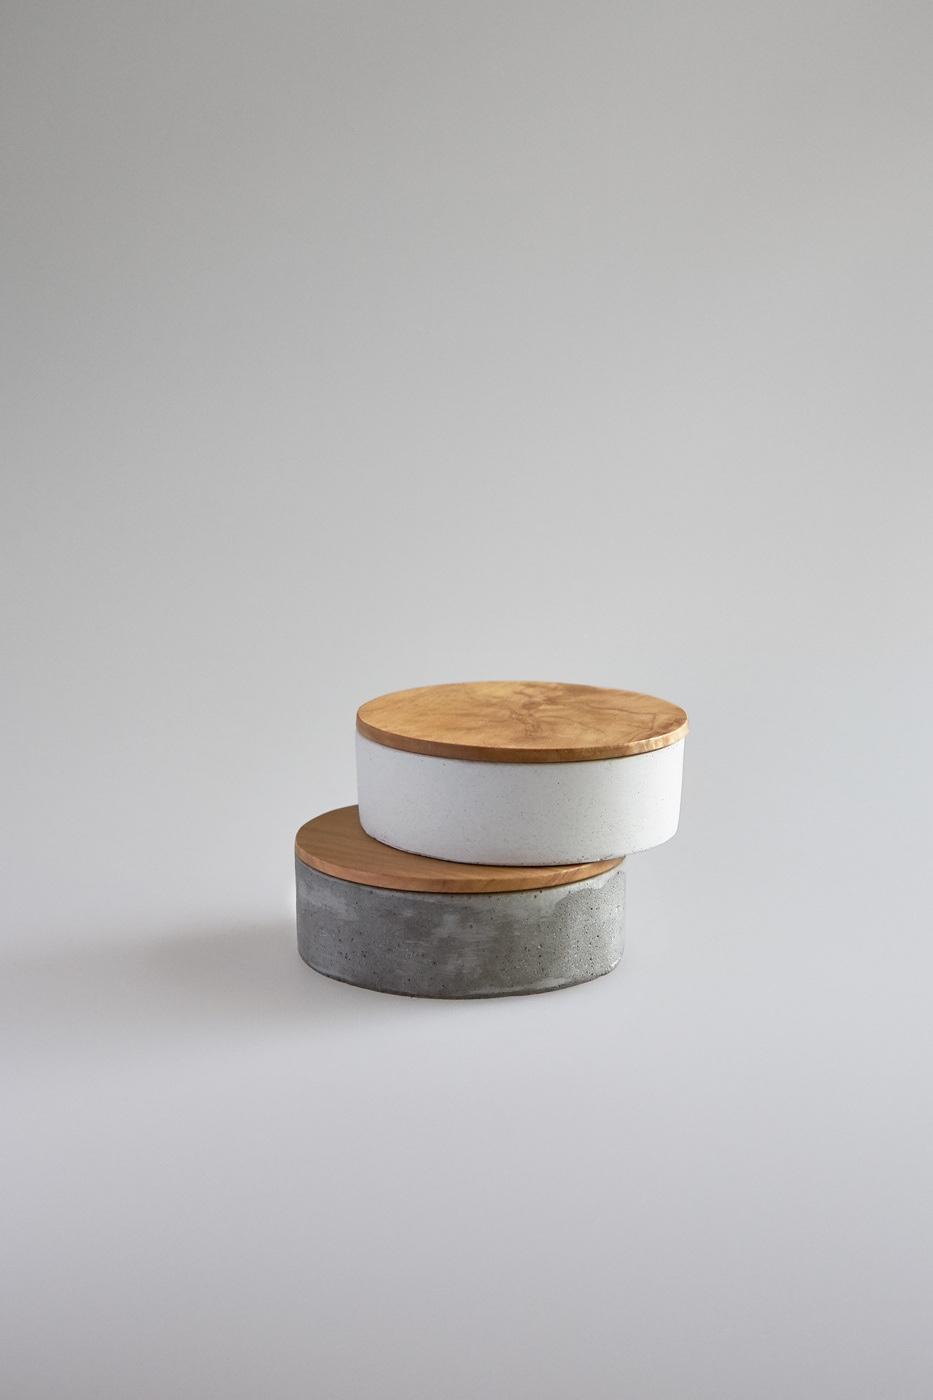 Small Round Concrete Container